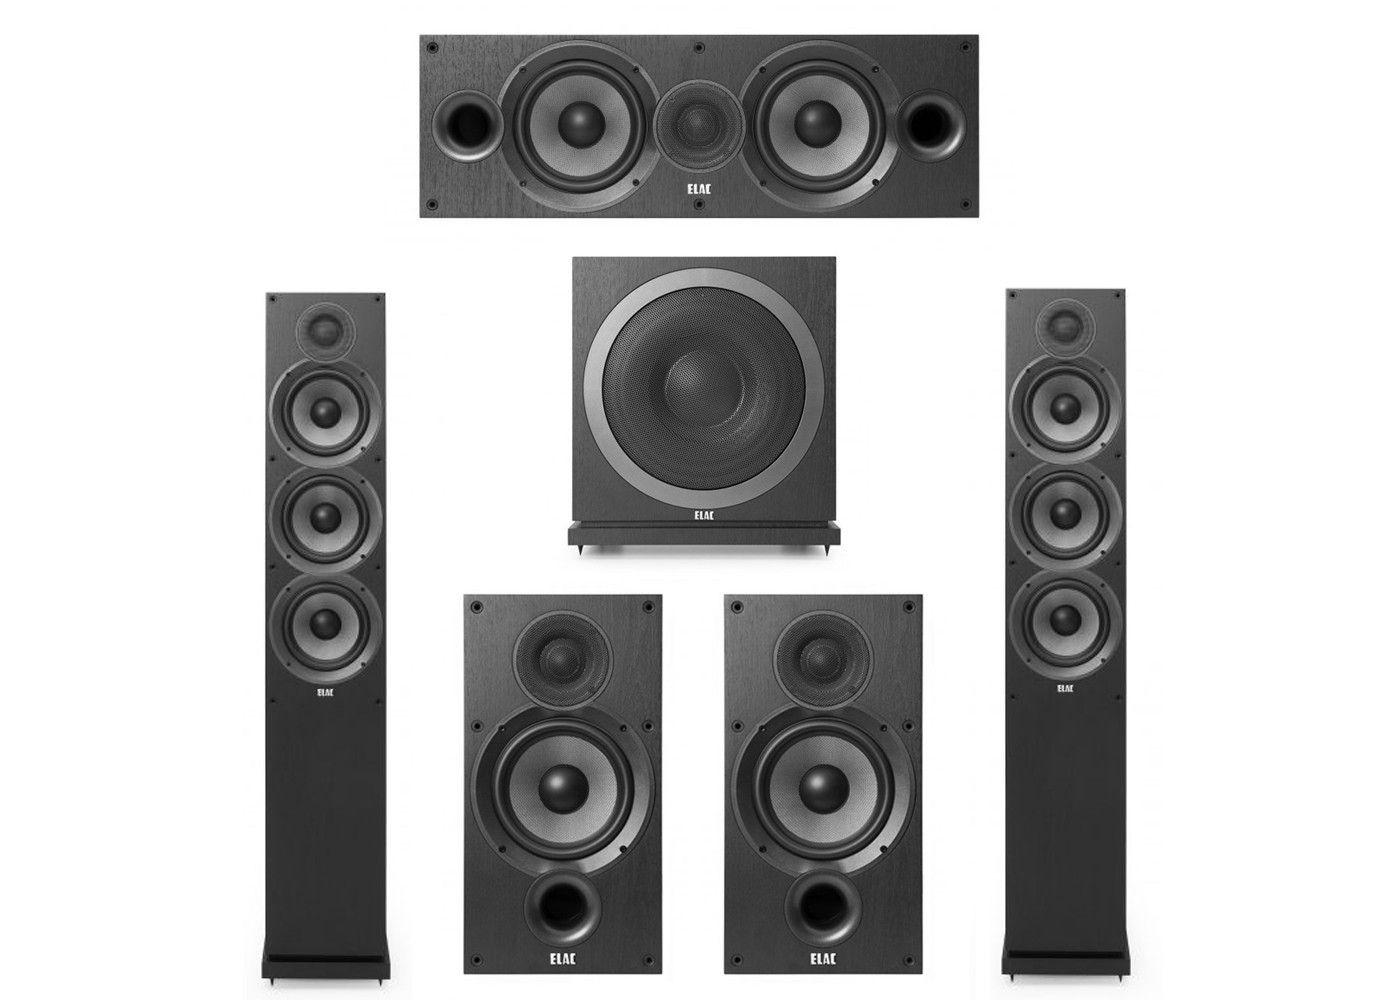 Elac 51 System With 2 F62 Floorstanding Speakers 1 C62 Center Speaker B62 Bookshelf